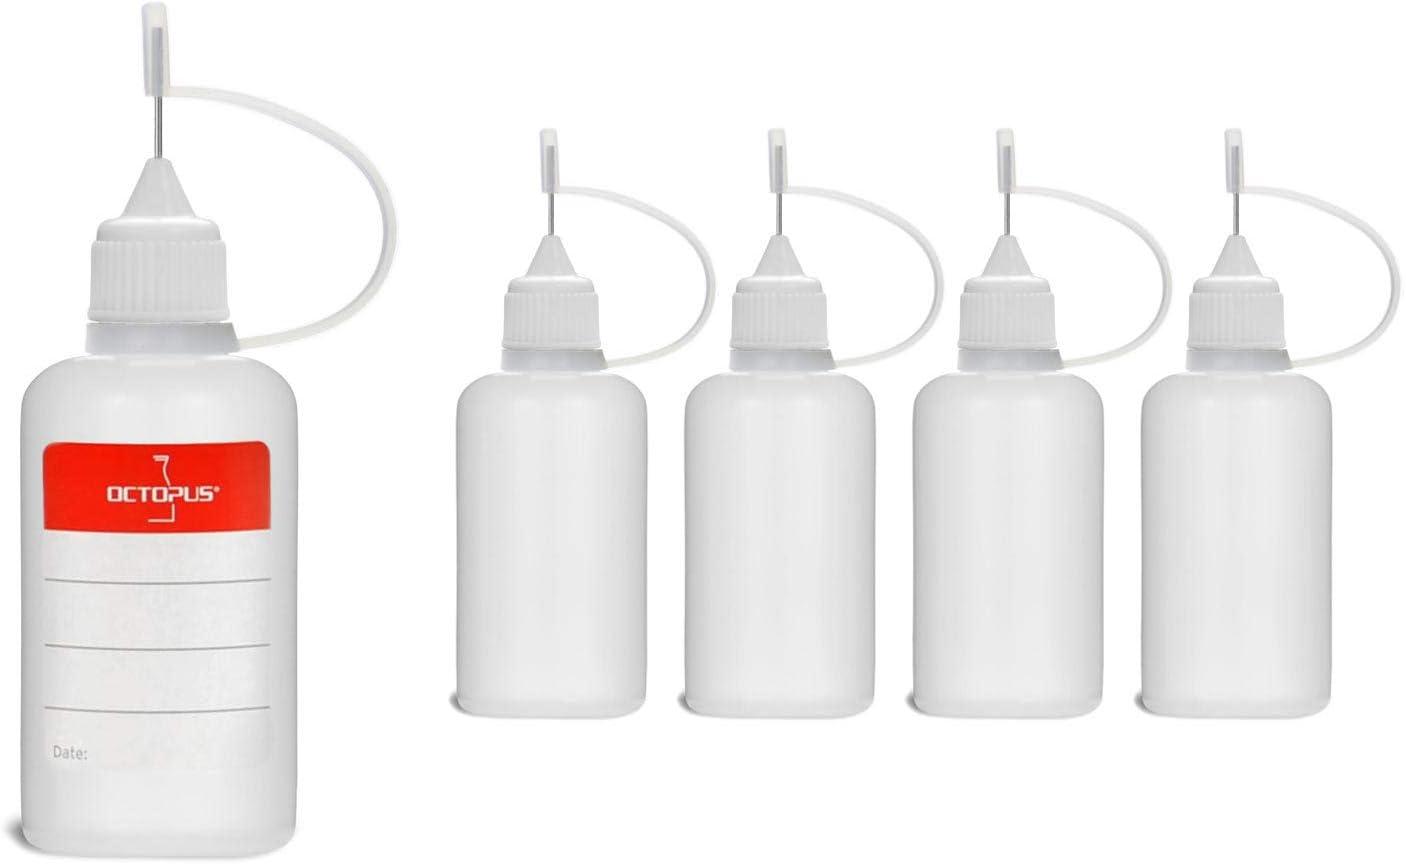 5 Botellas de recarga con aguja Octopus de 30 ml, botella para líquidos electrónicos para shishas electrónicas y cigarrillos electrónicos, aceites, tintas y pegamentos, botellas vacías de plástico LDP